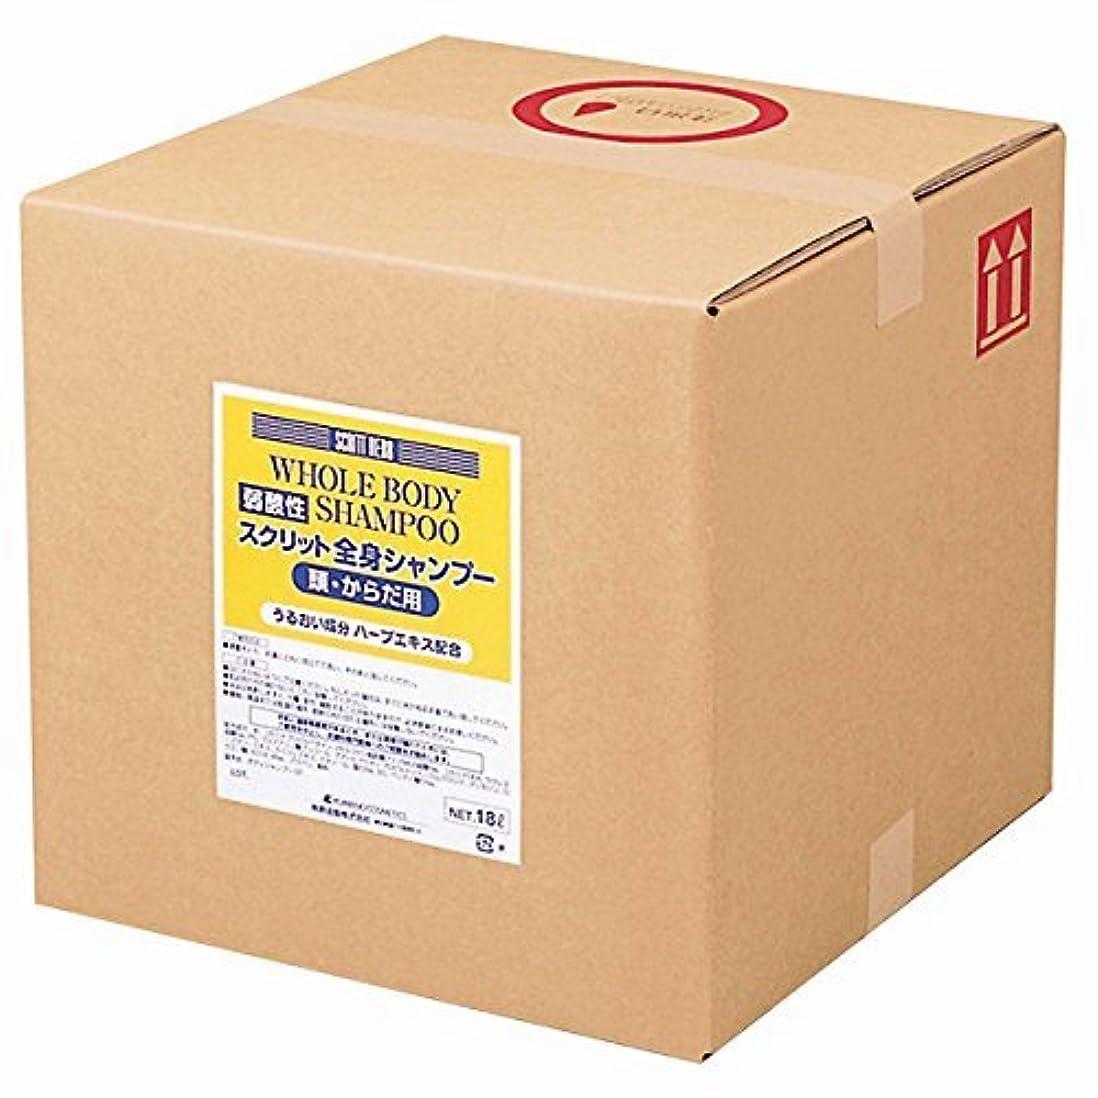 器具シャッター真面目な熊野油脂 業務用 SCRITT(スクリット) 全身シャンプー 18L